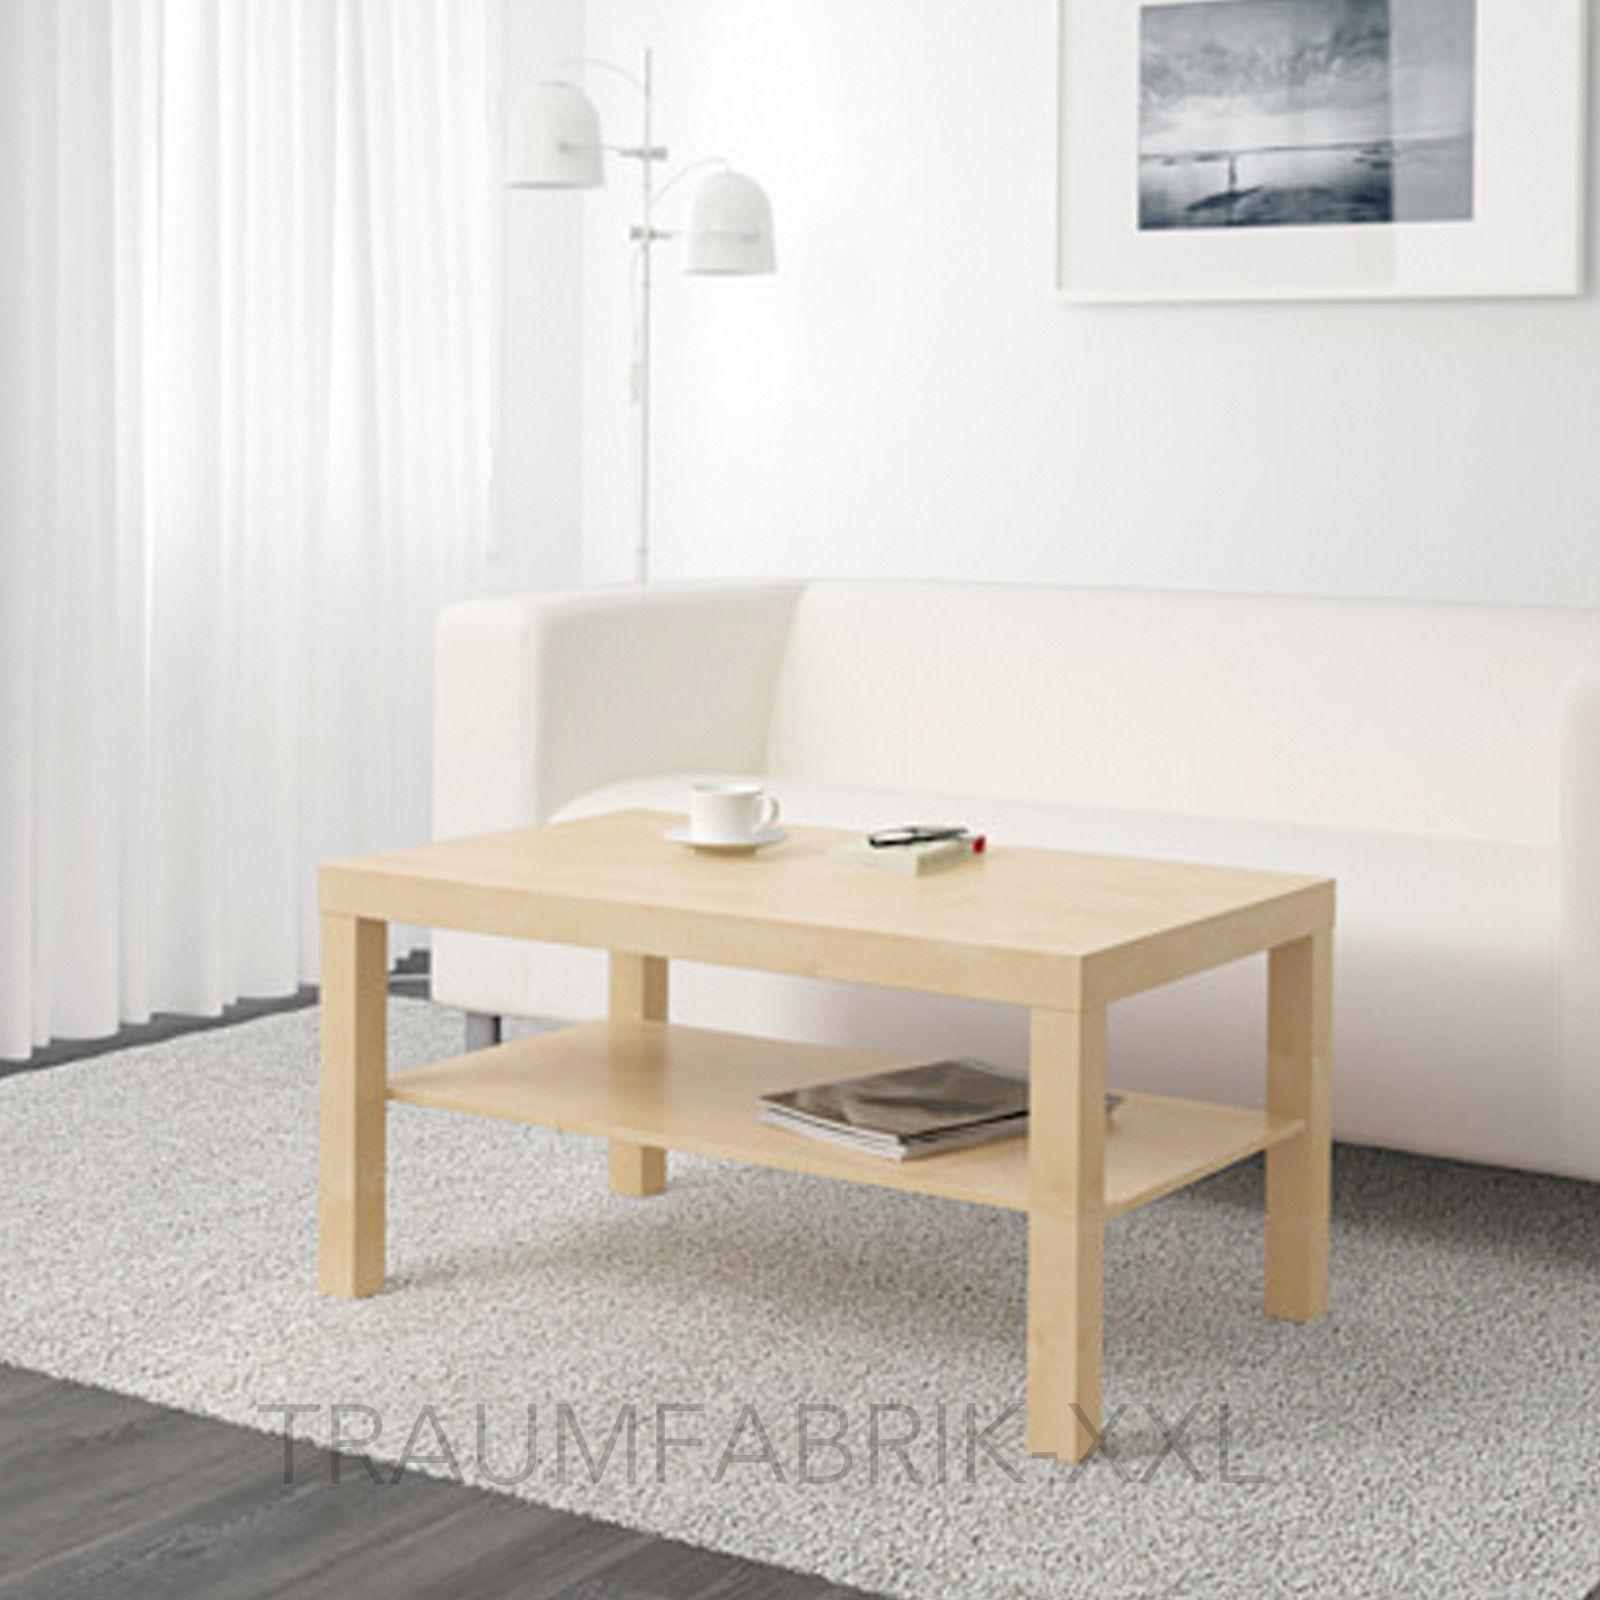 Ikea Lack Beistelltisch 90x55 cm Birke Sofatisch Couchtisch Wohnzimmertisch  NEU